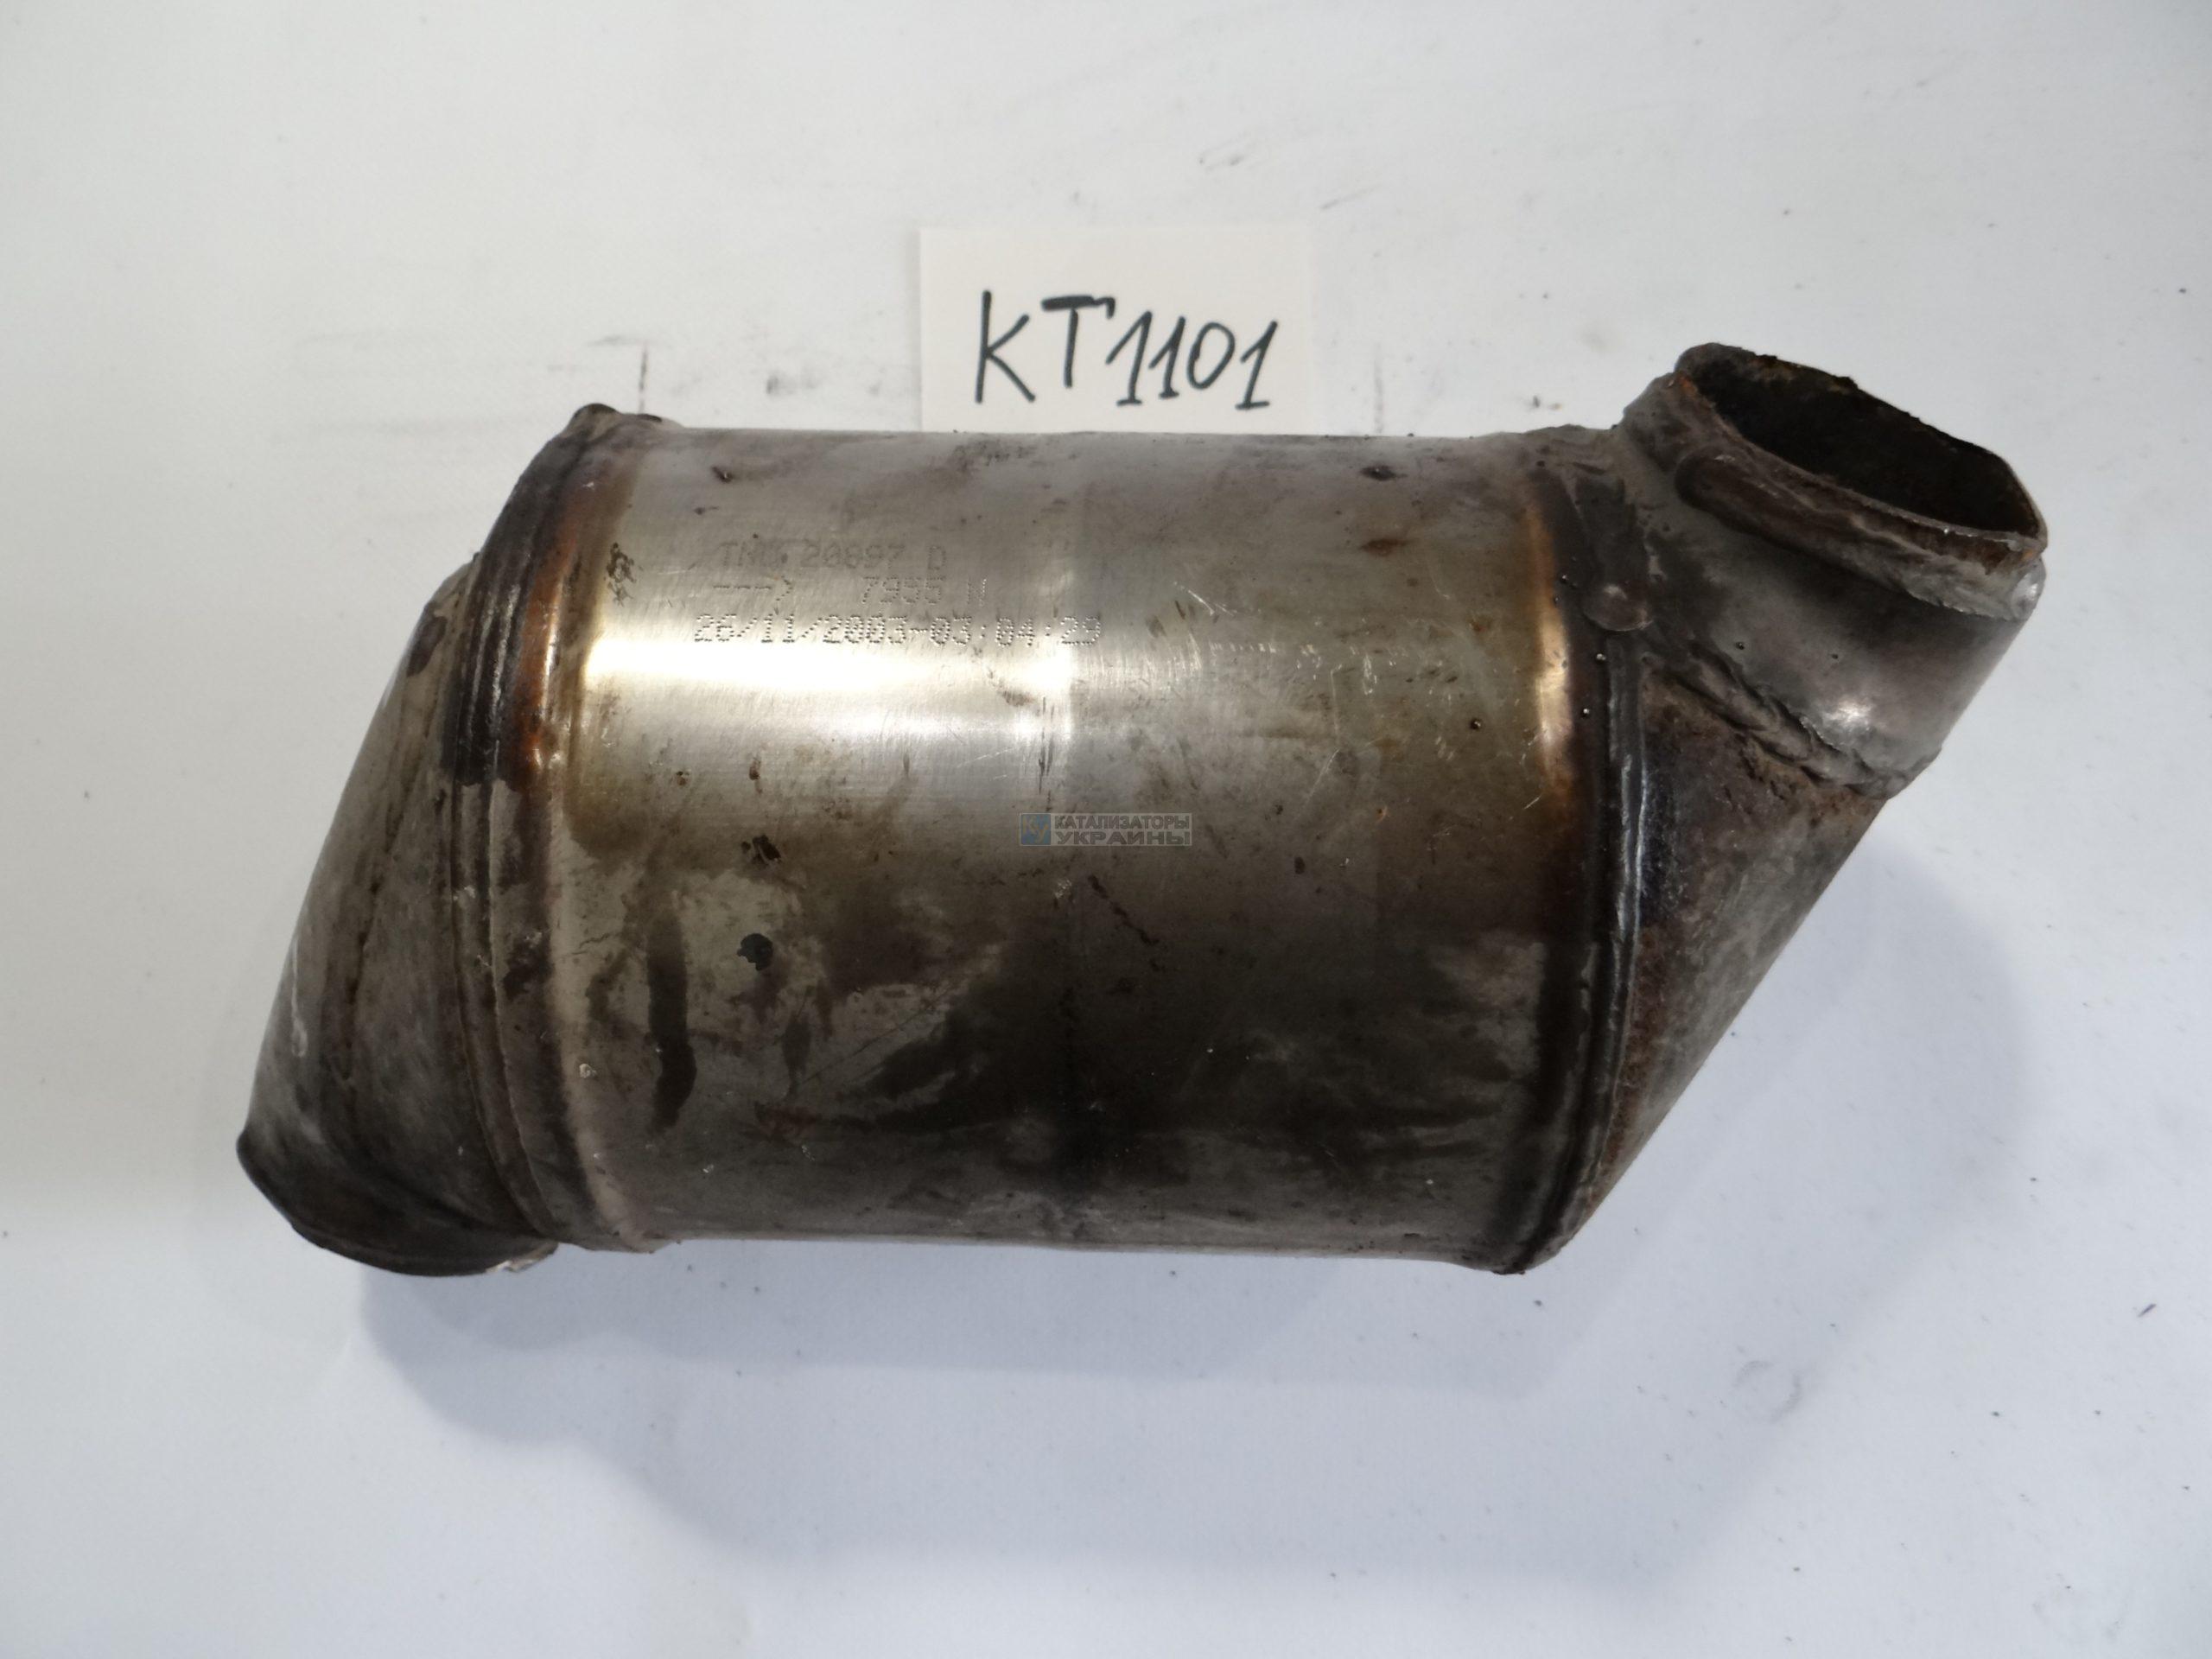 Скупка и выкуп БУ катализаторов — маркировка: KT1101